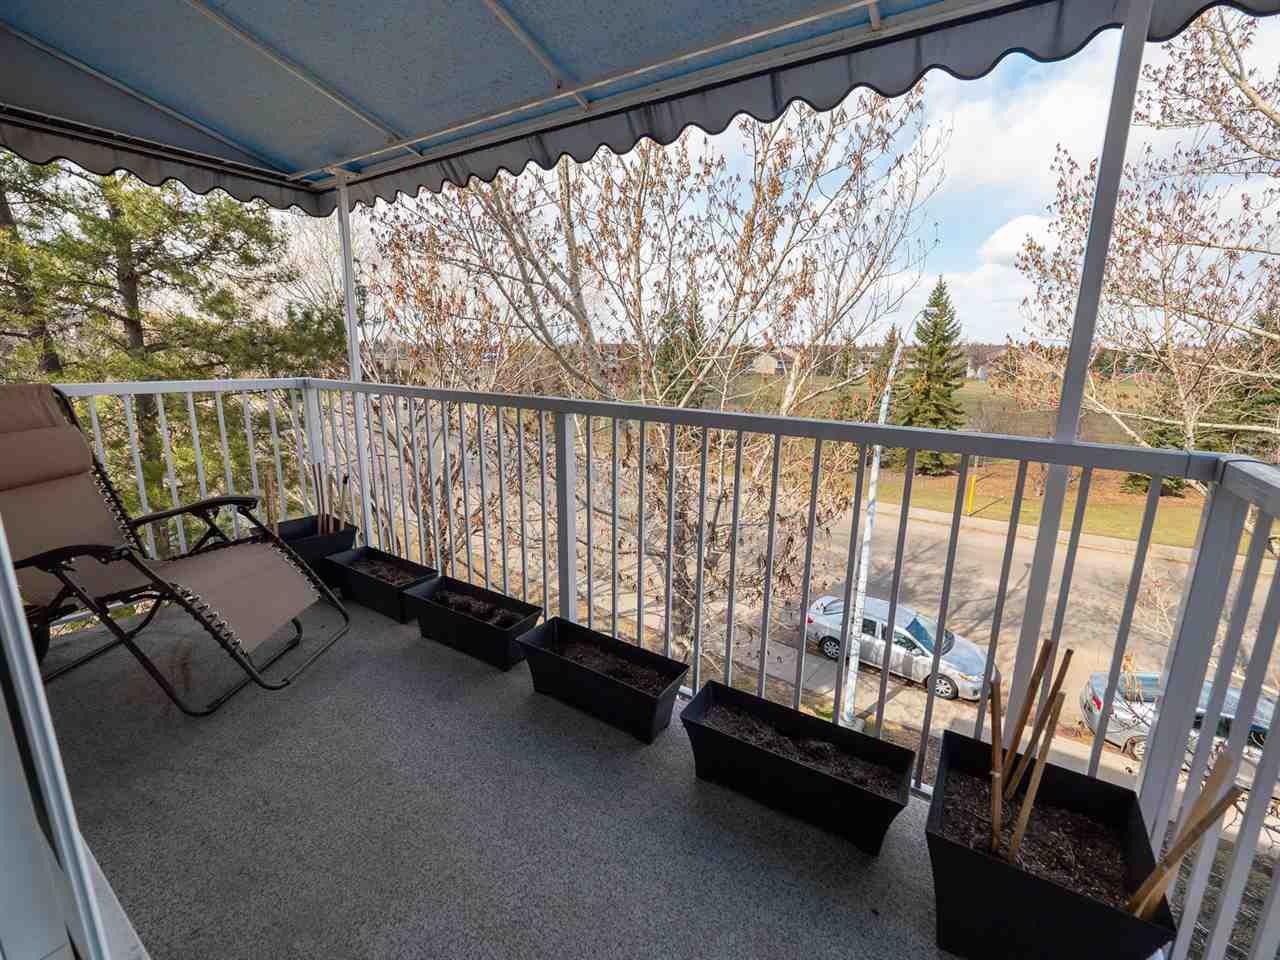 Main Photo: 310 2545 116 Street in Edmonton: Zone 16 Condo for sale : MLS®# E4154761